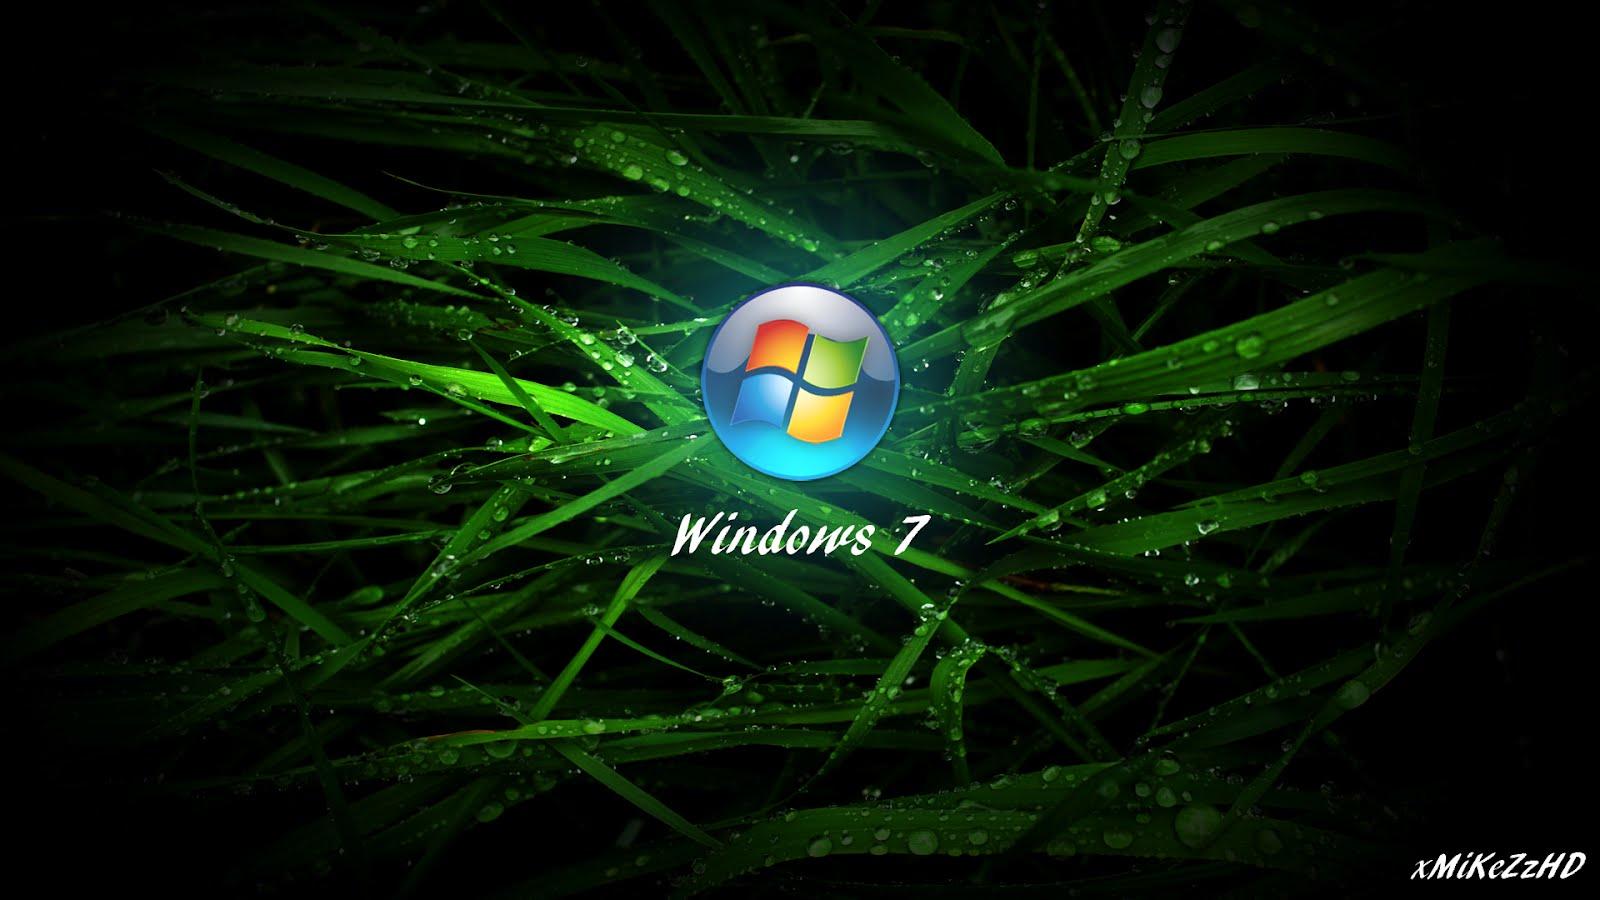 http://1.bp.blogspot.com/-ueRLKbmsLWI/UFU3QUvQh7I/AAAAAAAACpM/vihK9YU4xgM/s1600/windows%2B7%2Bgrass%2Bwallpapers%2B3.jpg